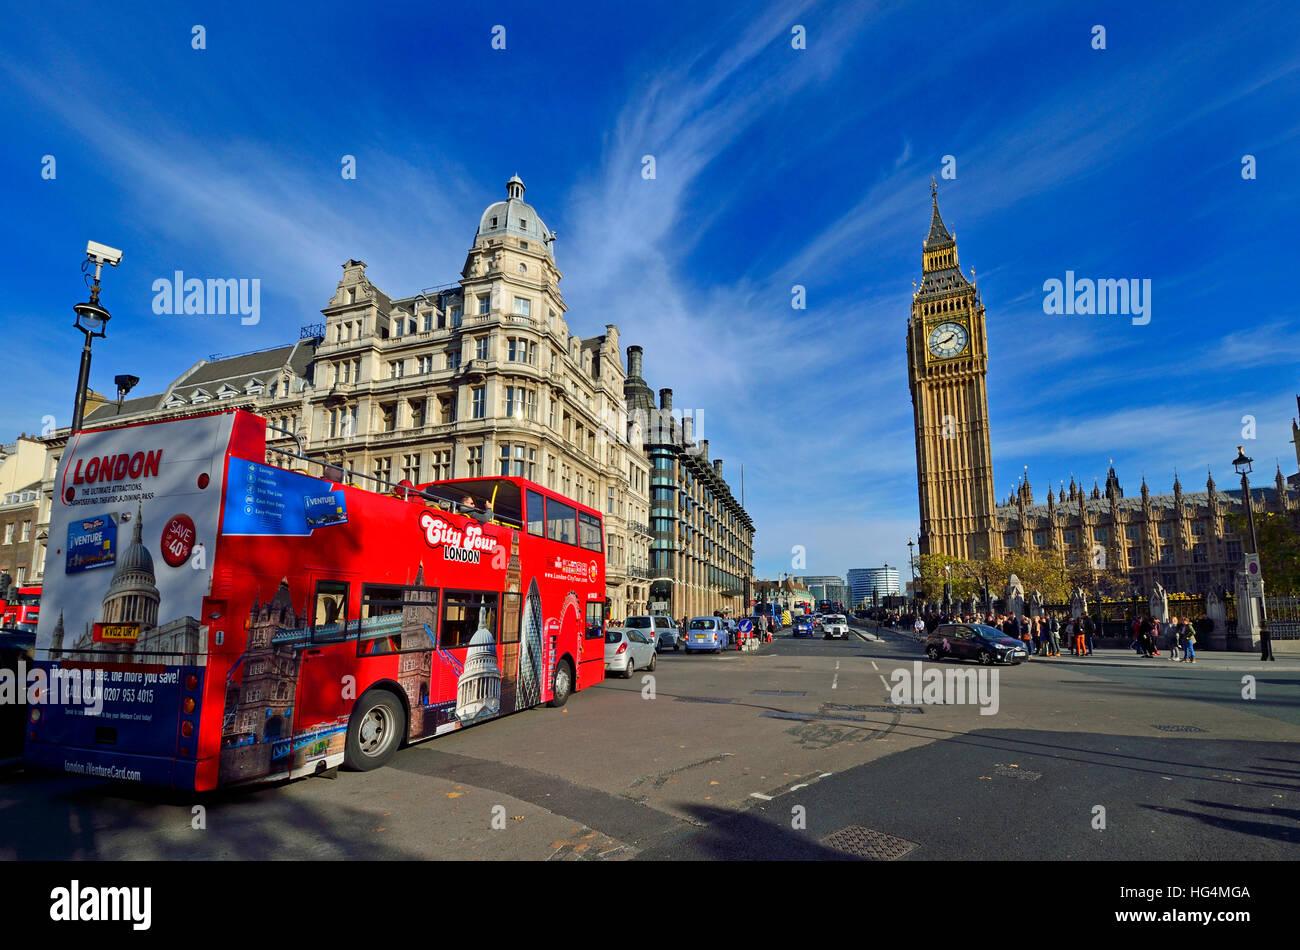 London, England, Vereinigtes Königreich. Touristischen Sightseeing Doppeldeckerbus in Parliament Square Stockbild